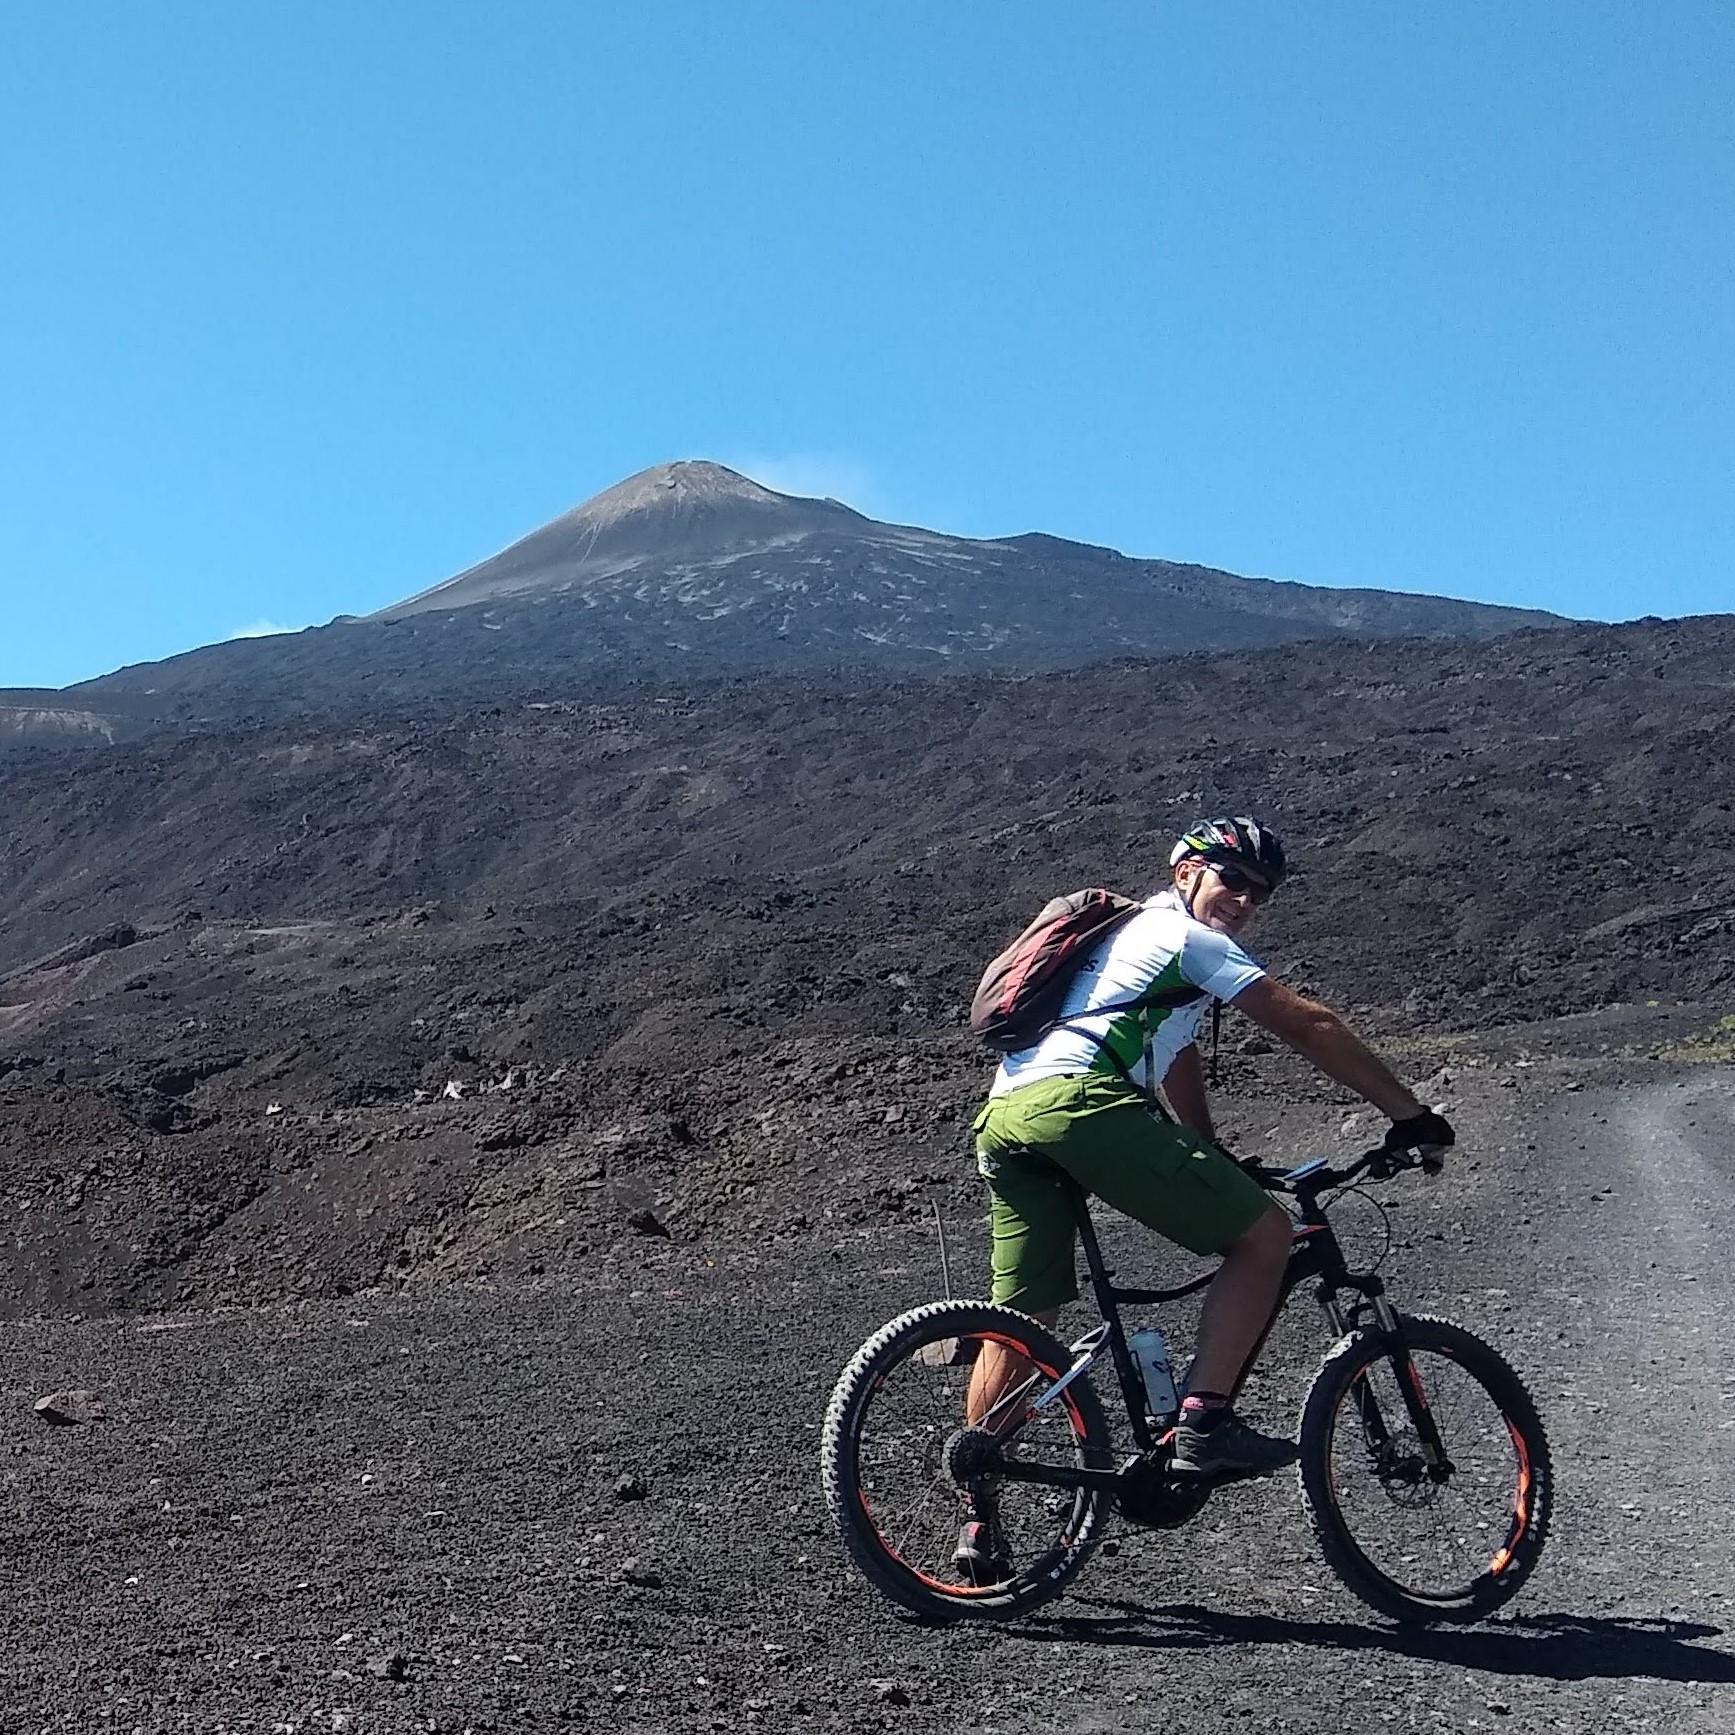 Mount Etna Volcano Ride 2020